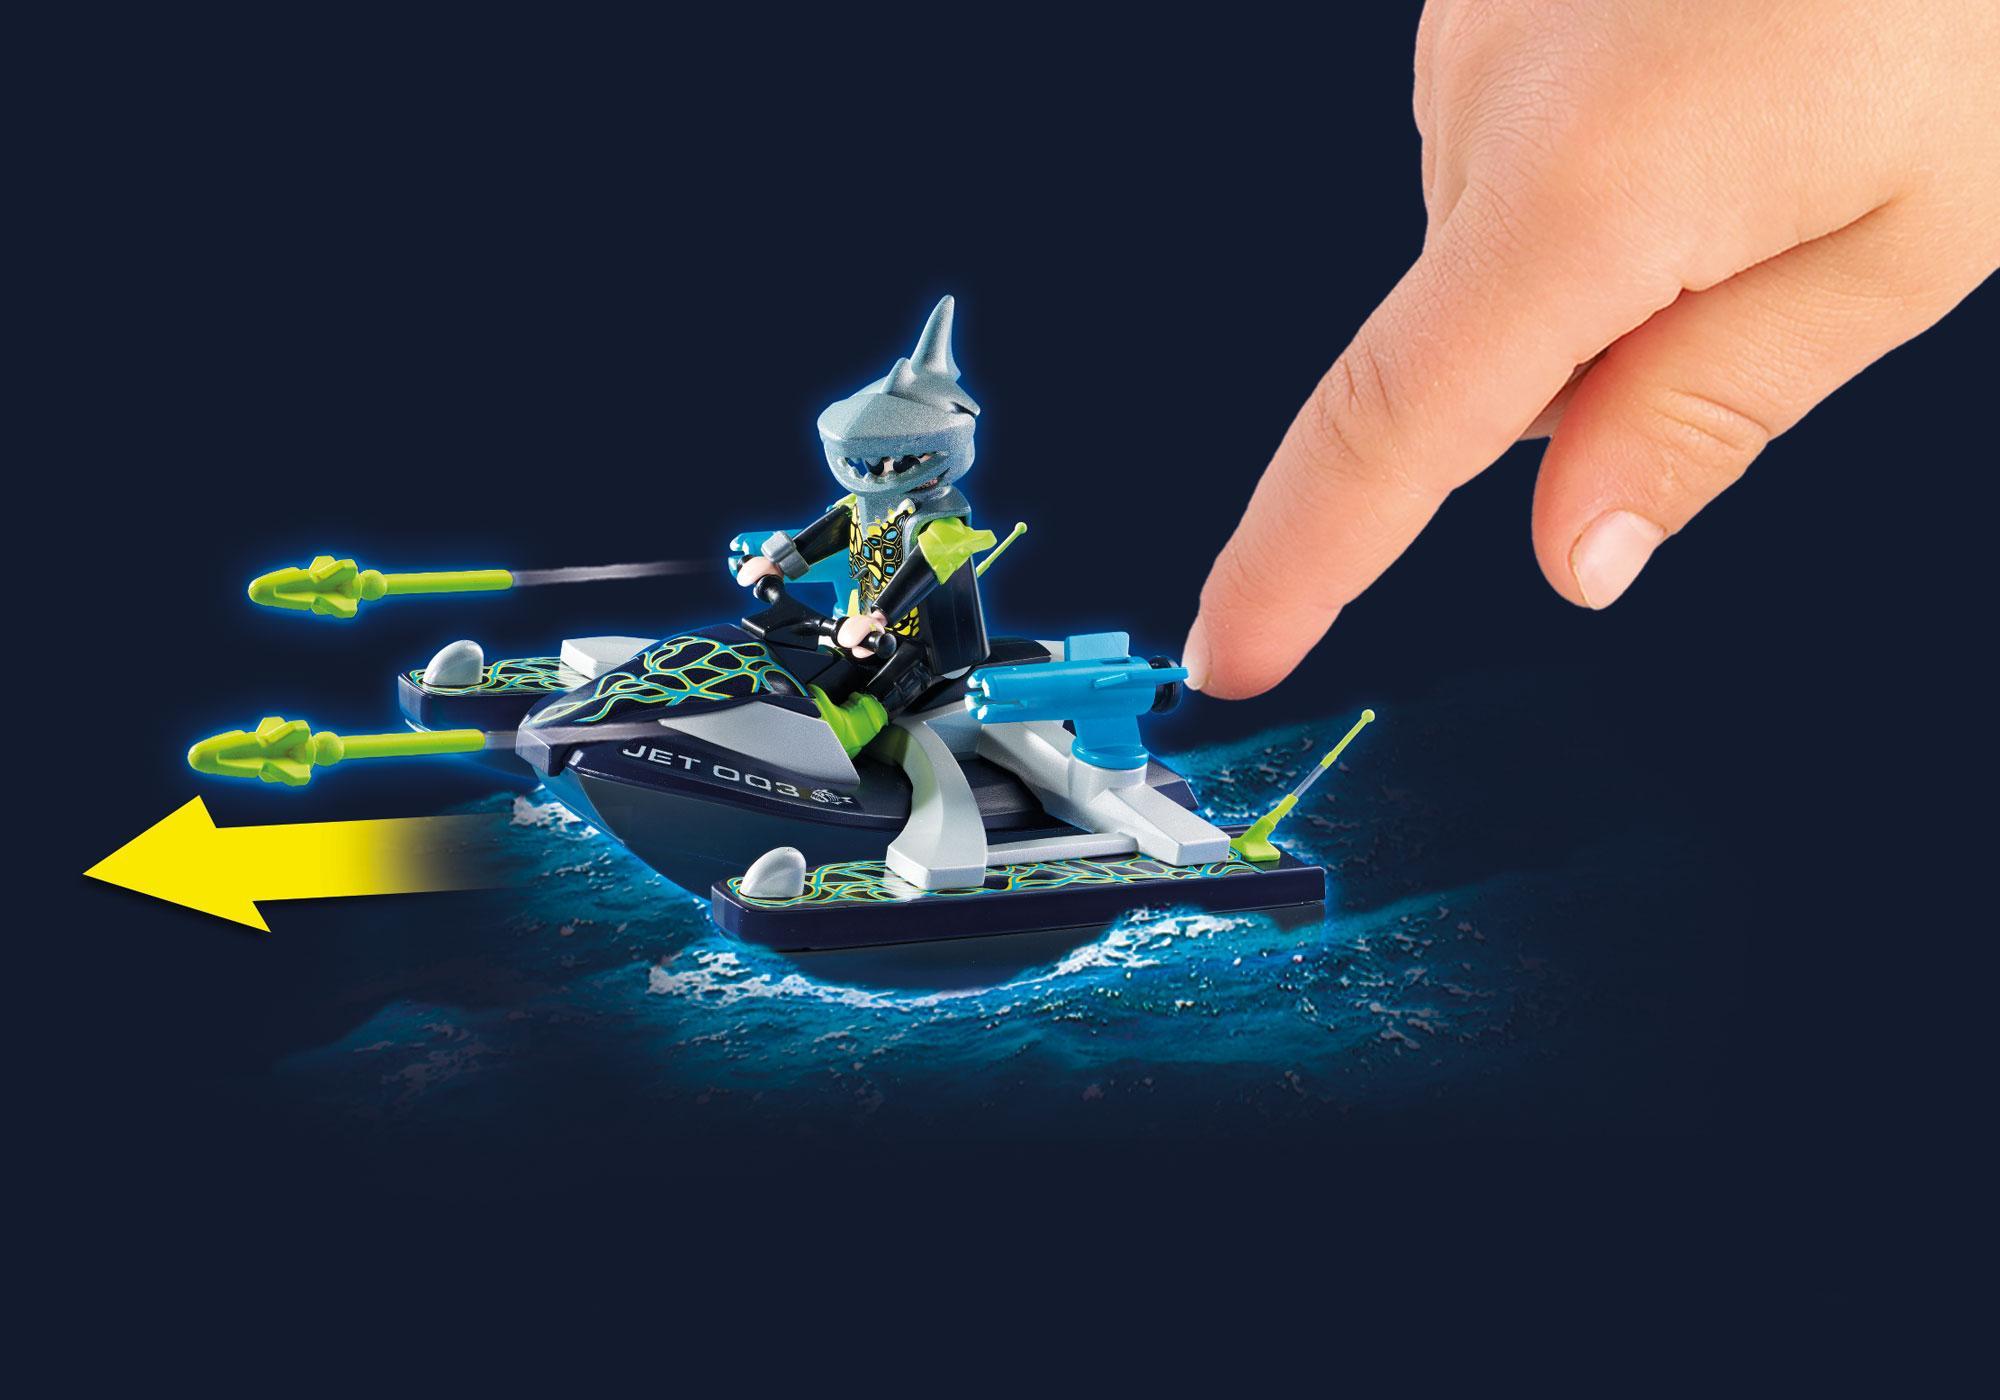 http://media.playmobil.com/i/playmobil/70007_product_extra1/TEAM S.H.A.R.K. Vandscooter med raketter